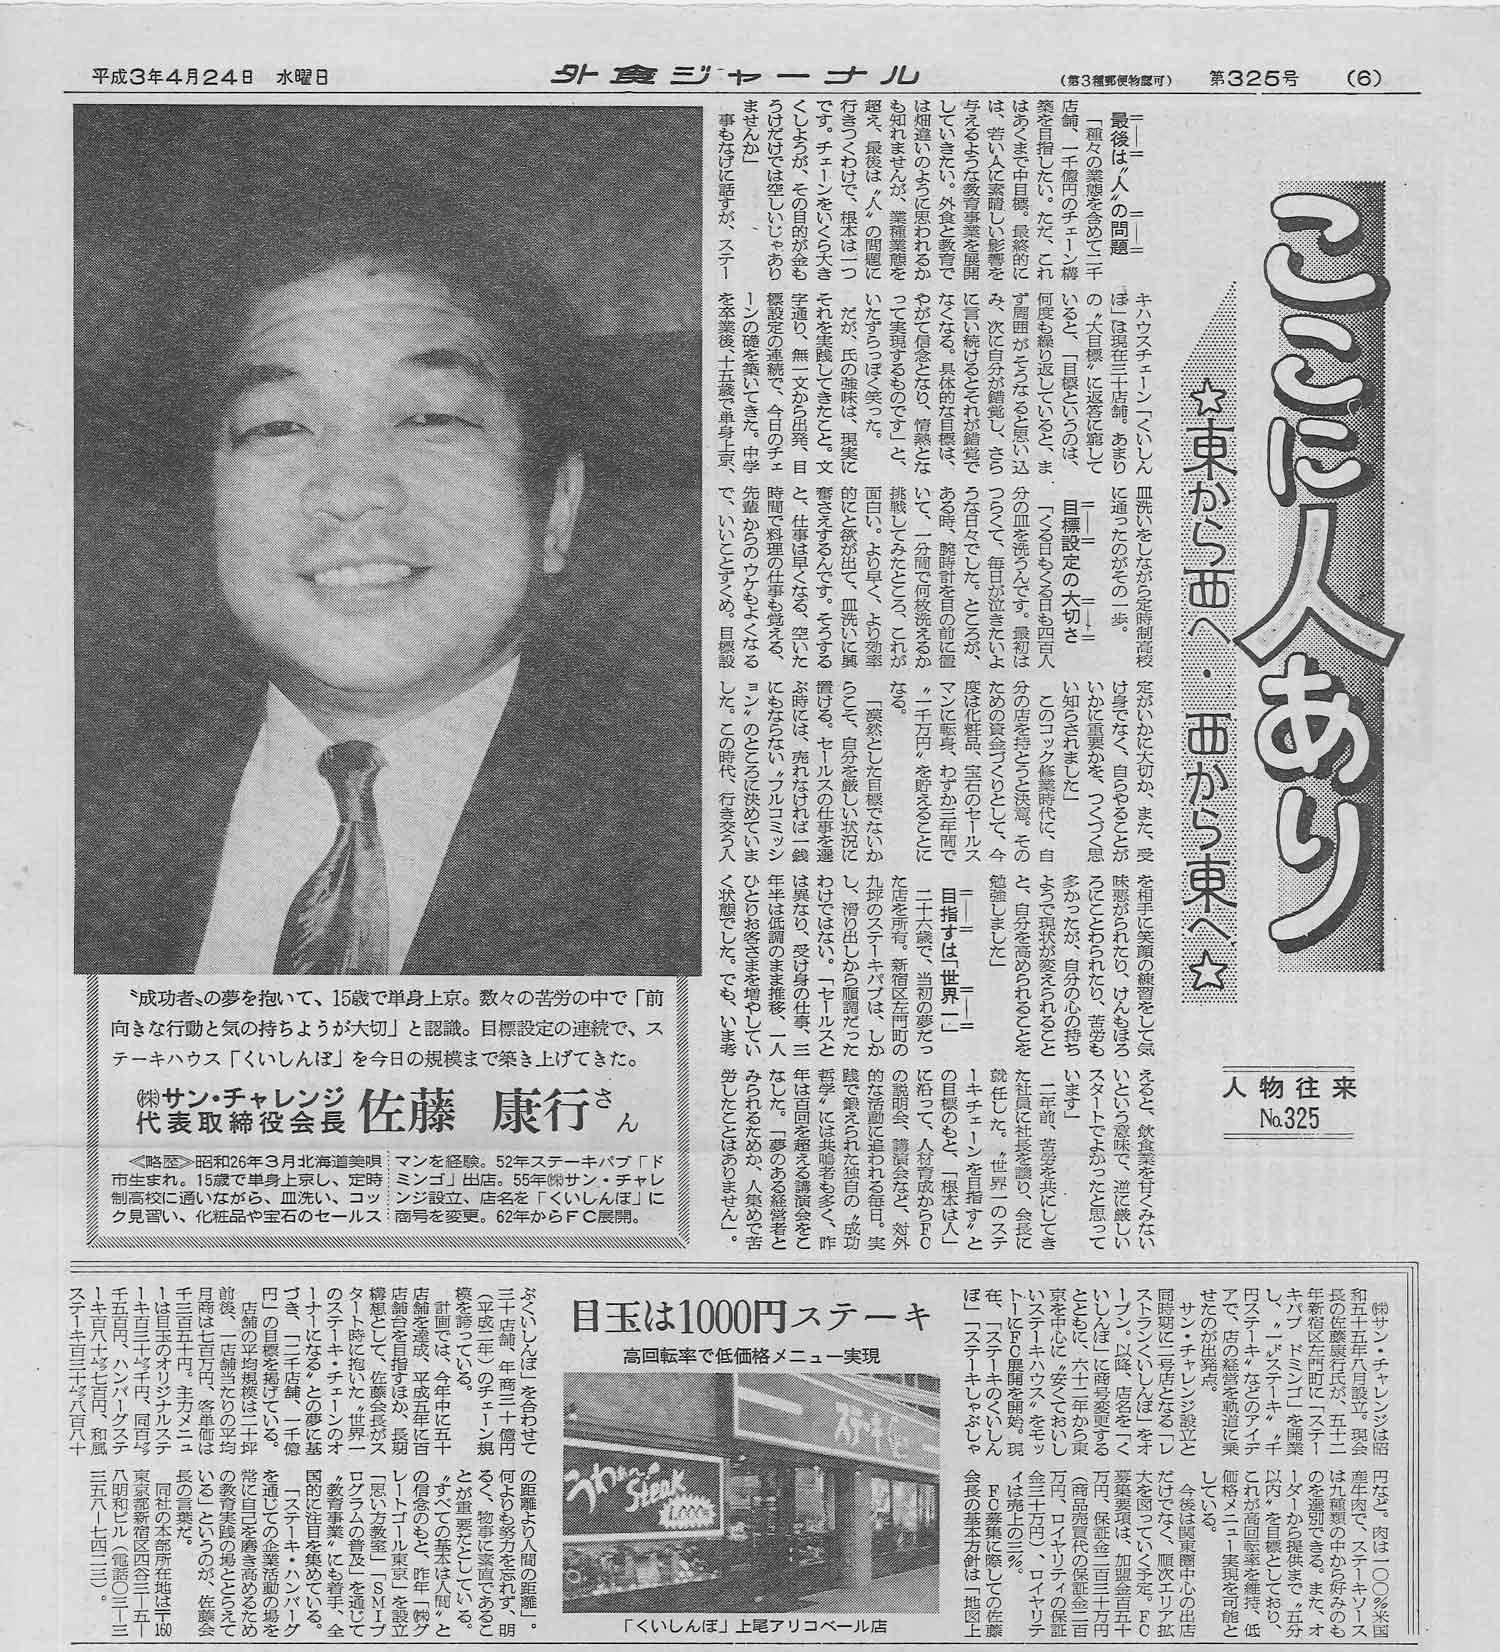 外食ジャーナル(1991年(平成3年)4月24日)に掲載